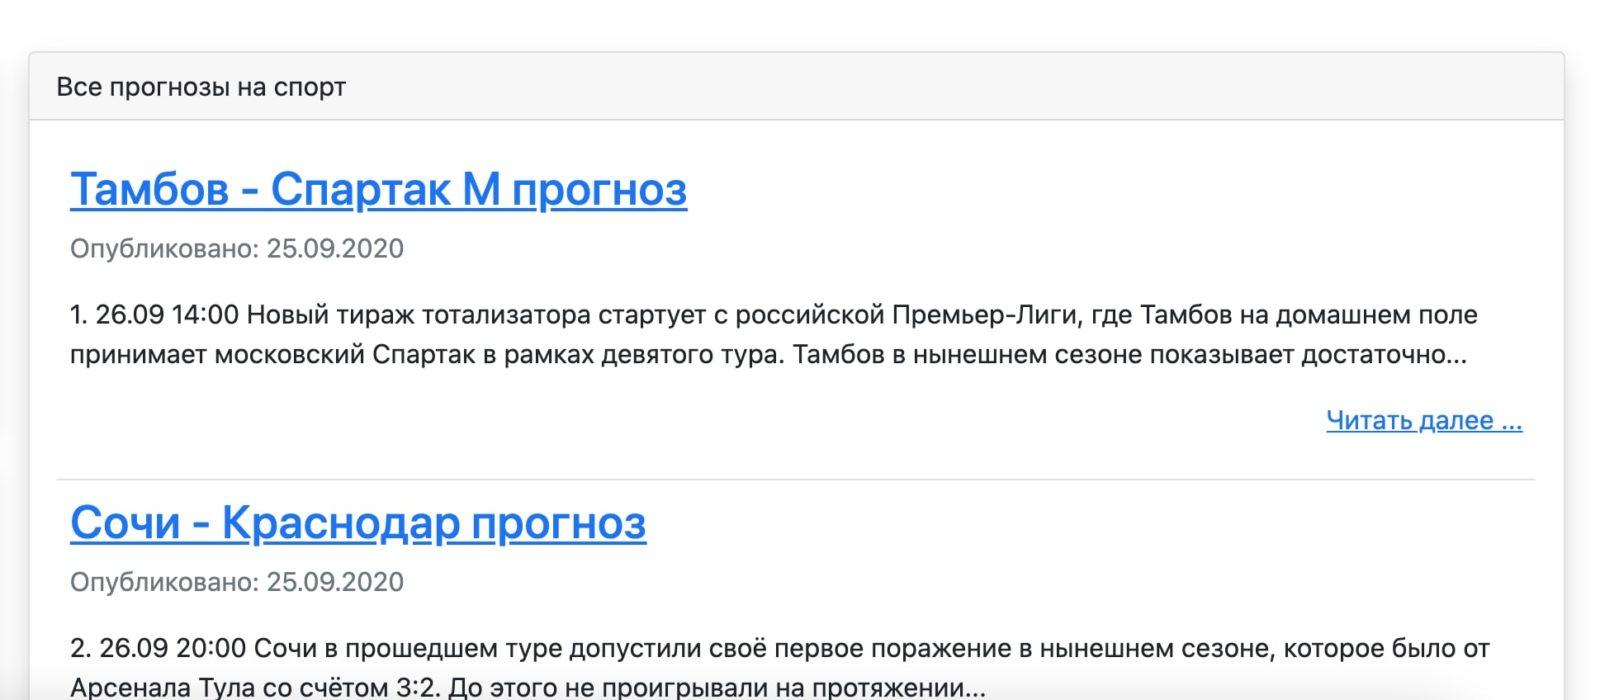 Прогнозы на сайте Fon-toto.ru (Фон тото)